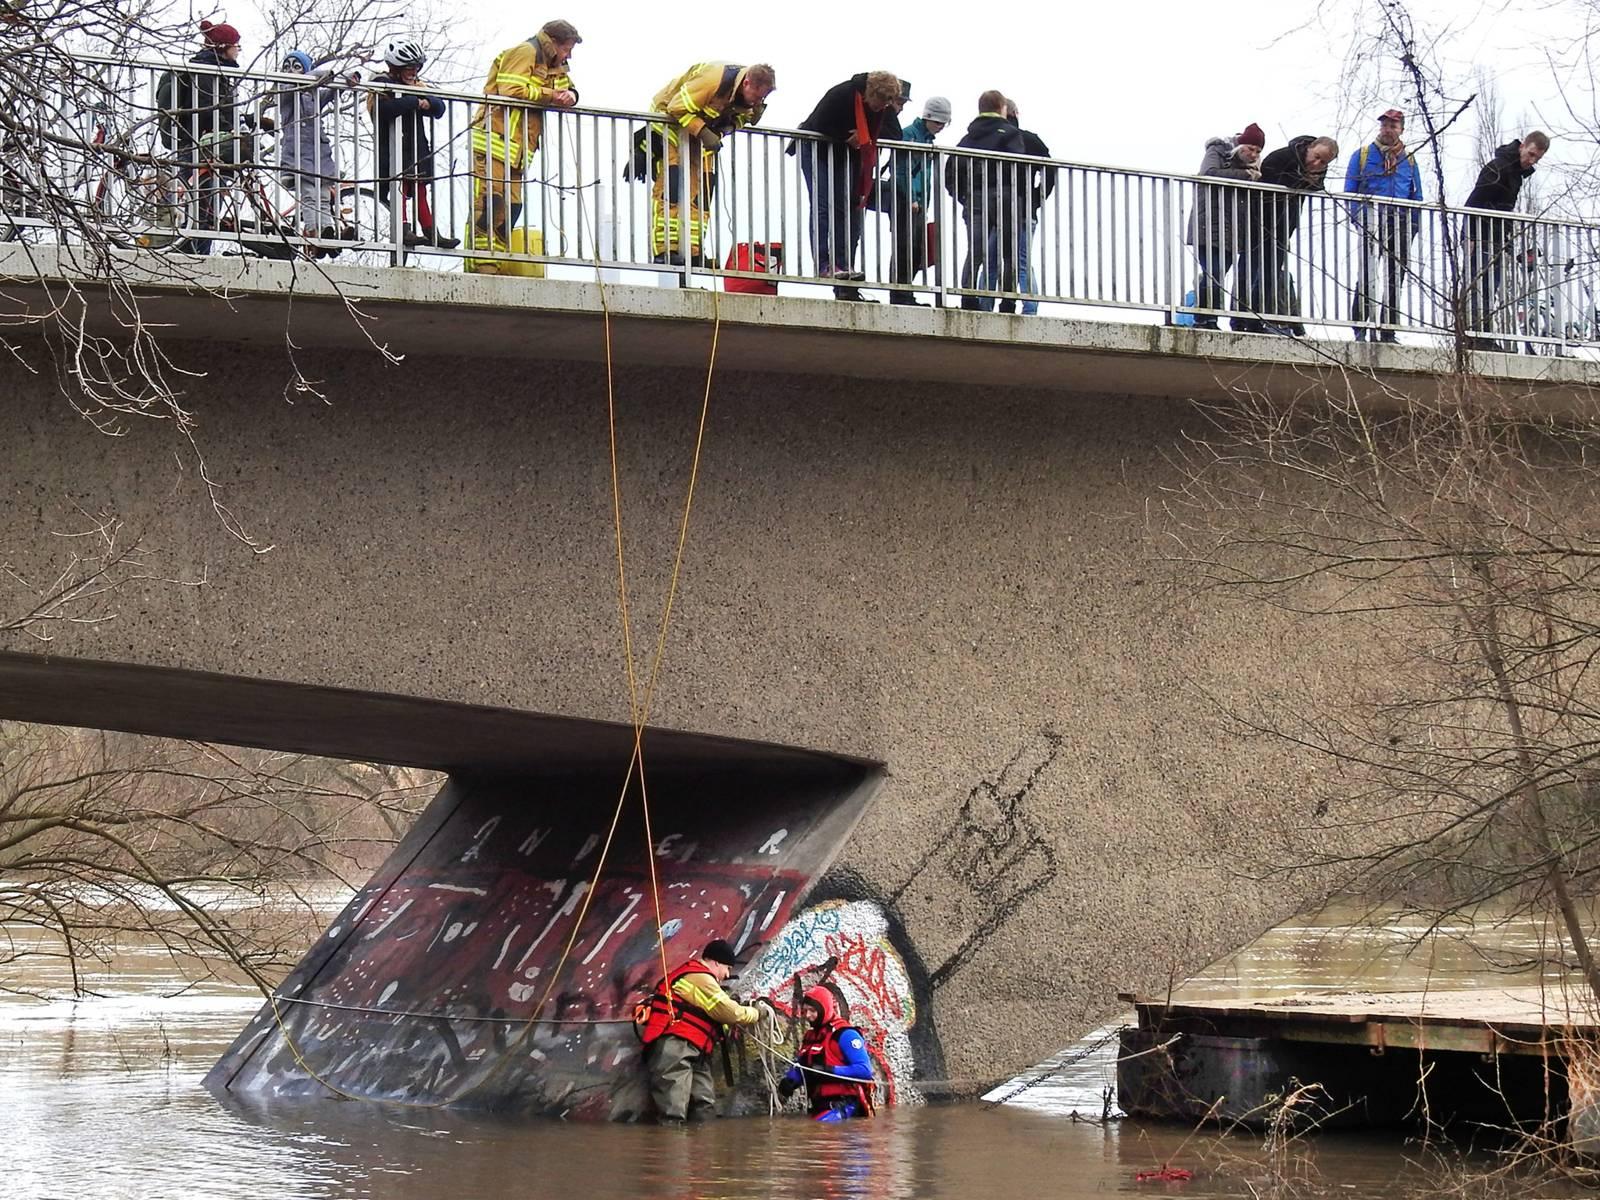 Zwei Einsatzkräfte der Feuerwehr sichern einen losgerissenen Ponton in der Lein. Sie werden durch zwei weitere Einsatzkräfte, von der oberhalb verlaufenden Dornröschenbrücke aus, gesichert.